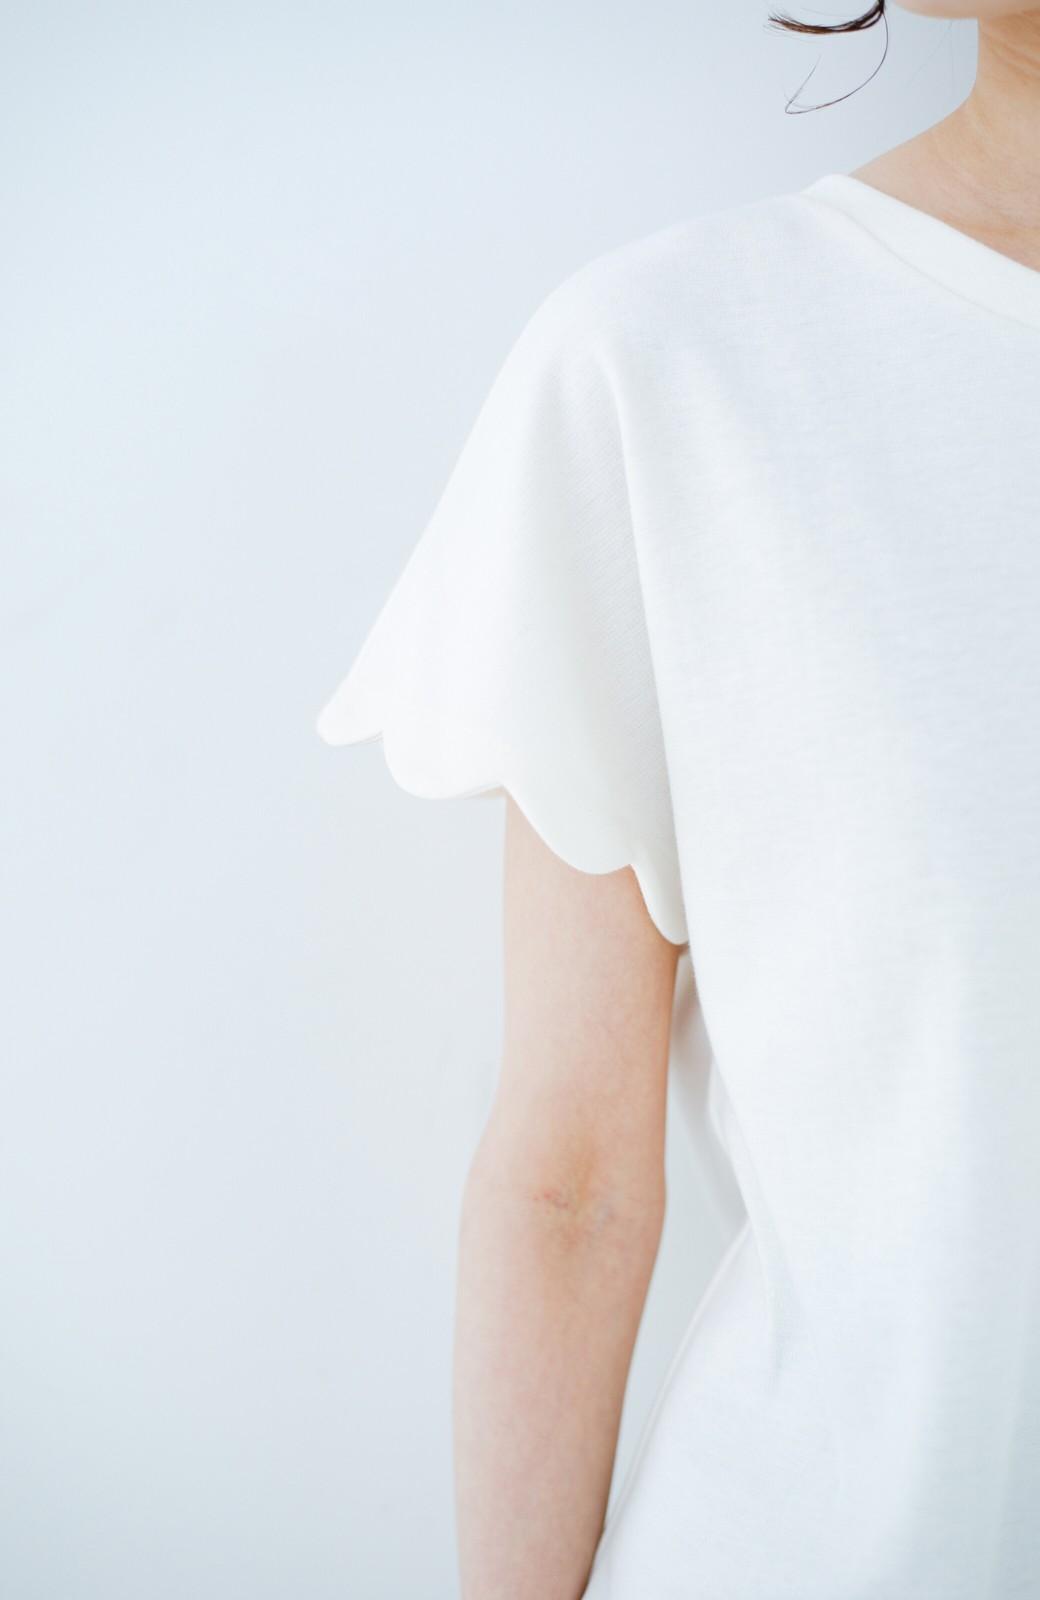 haco! haco! いつものTシャツよりかわいげご用意 スカラップカットソートップス <ホワイト>の商品写真3